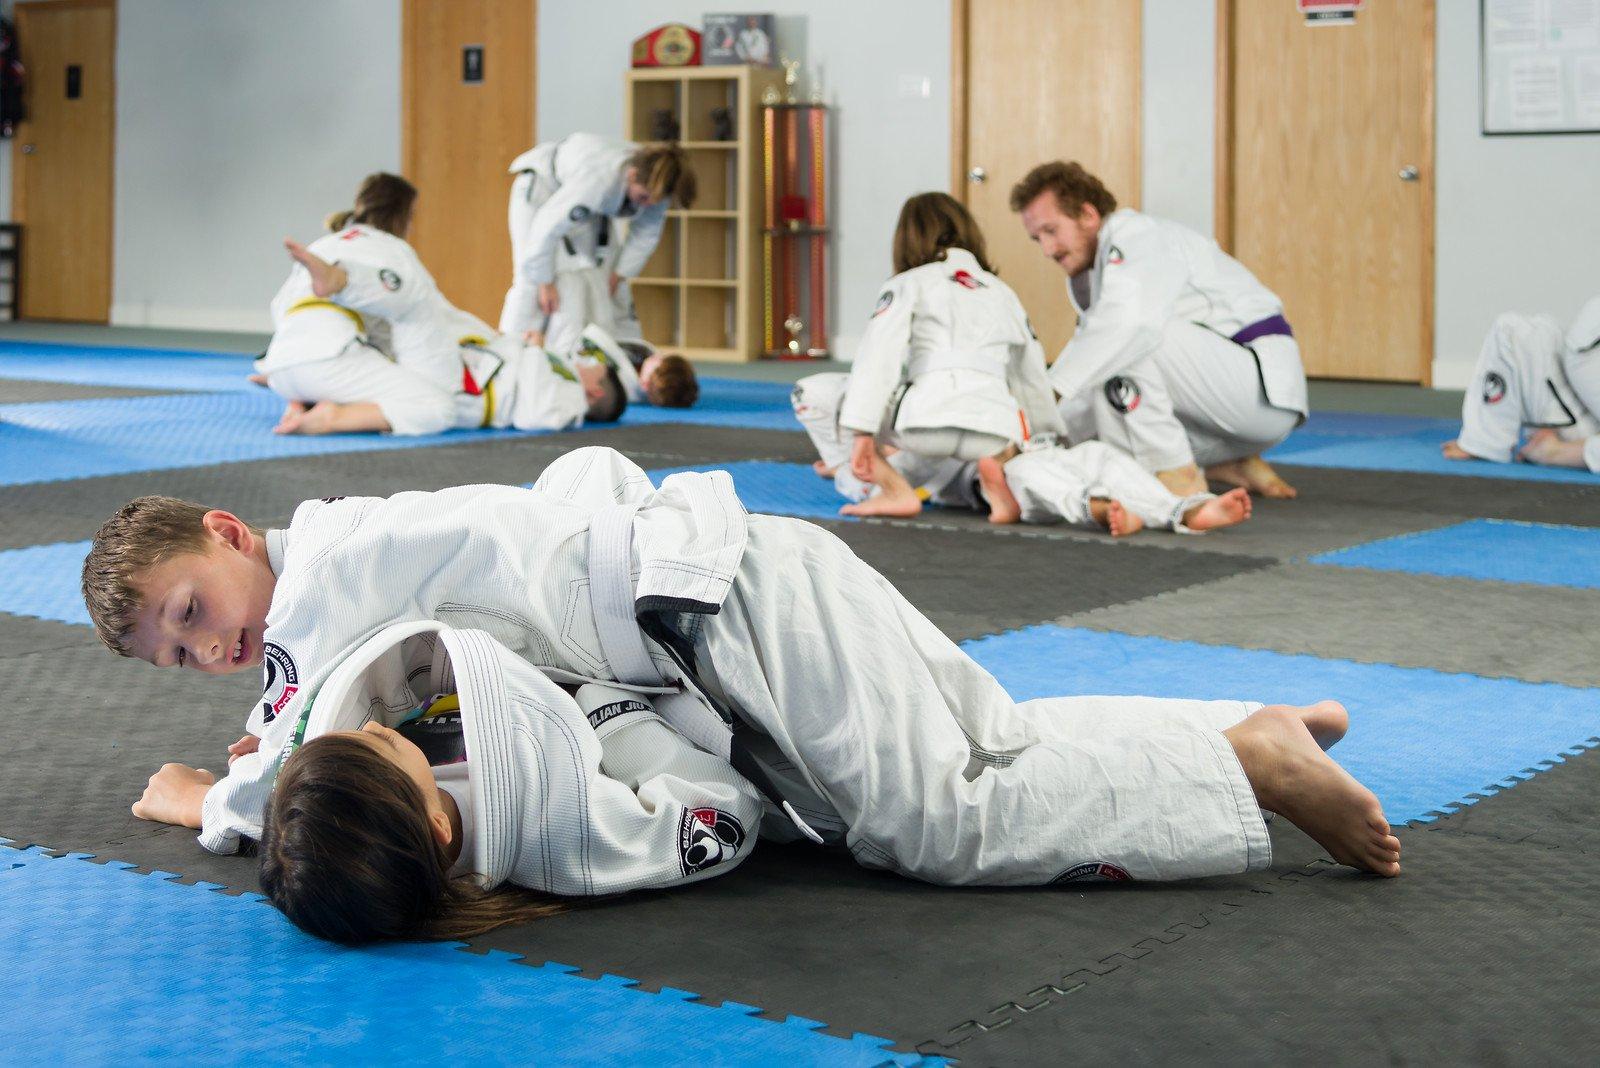 Kids practicing Jiu-Jitsu